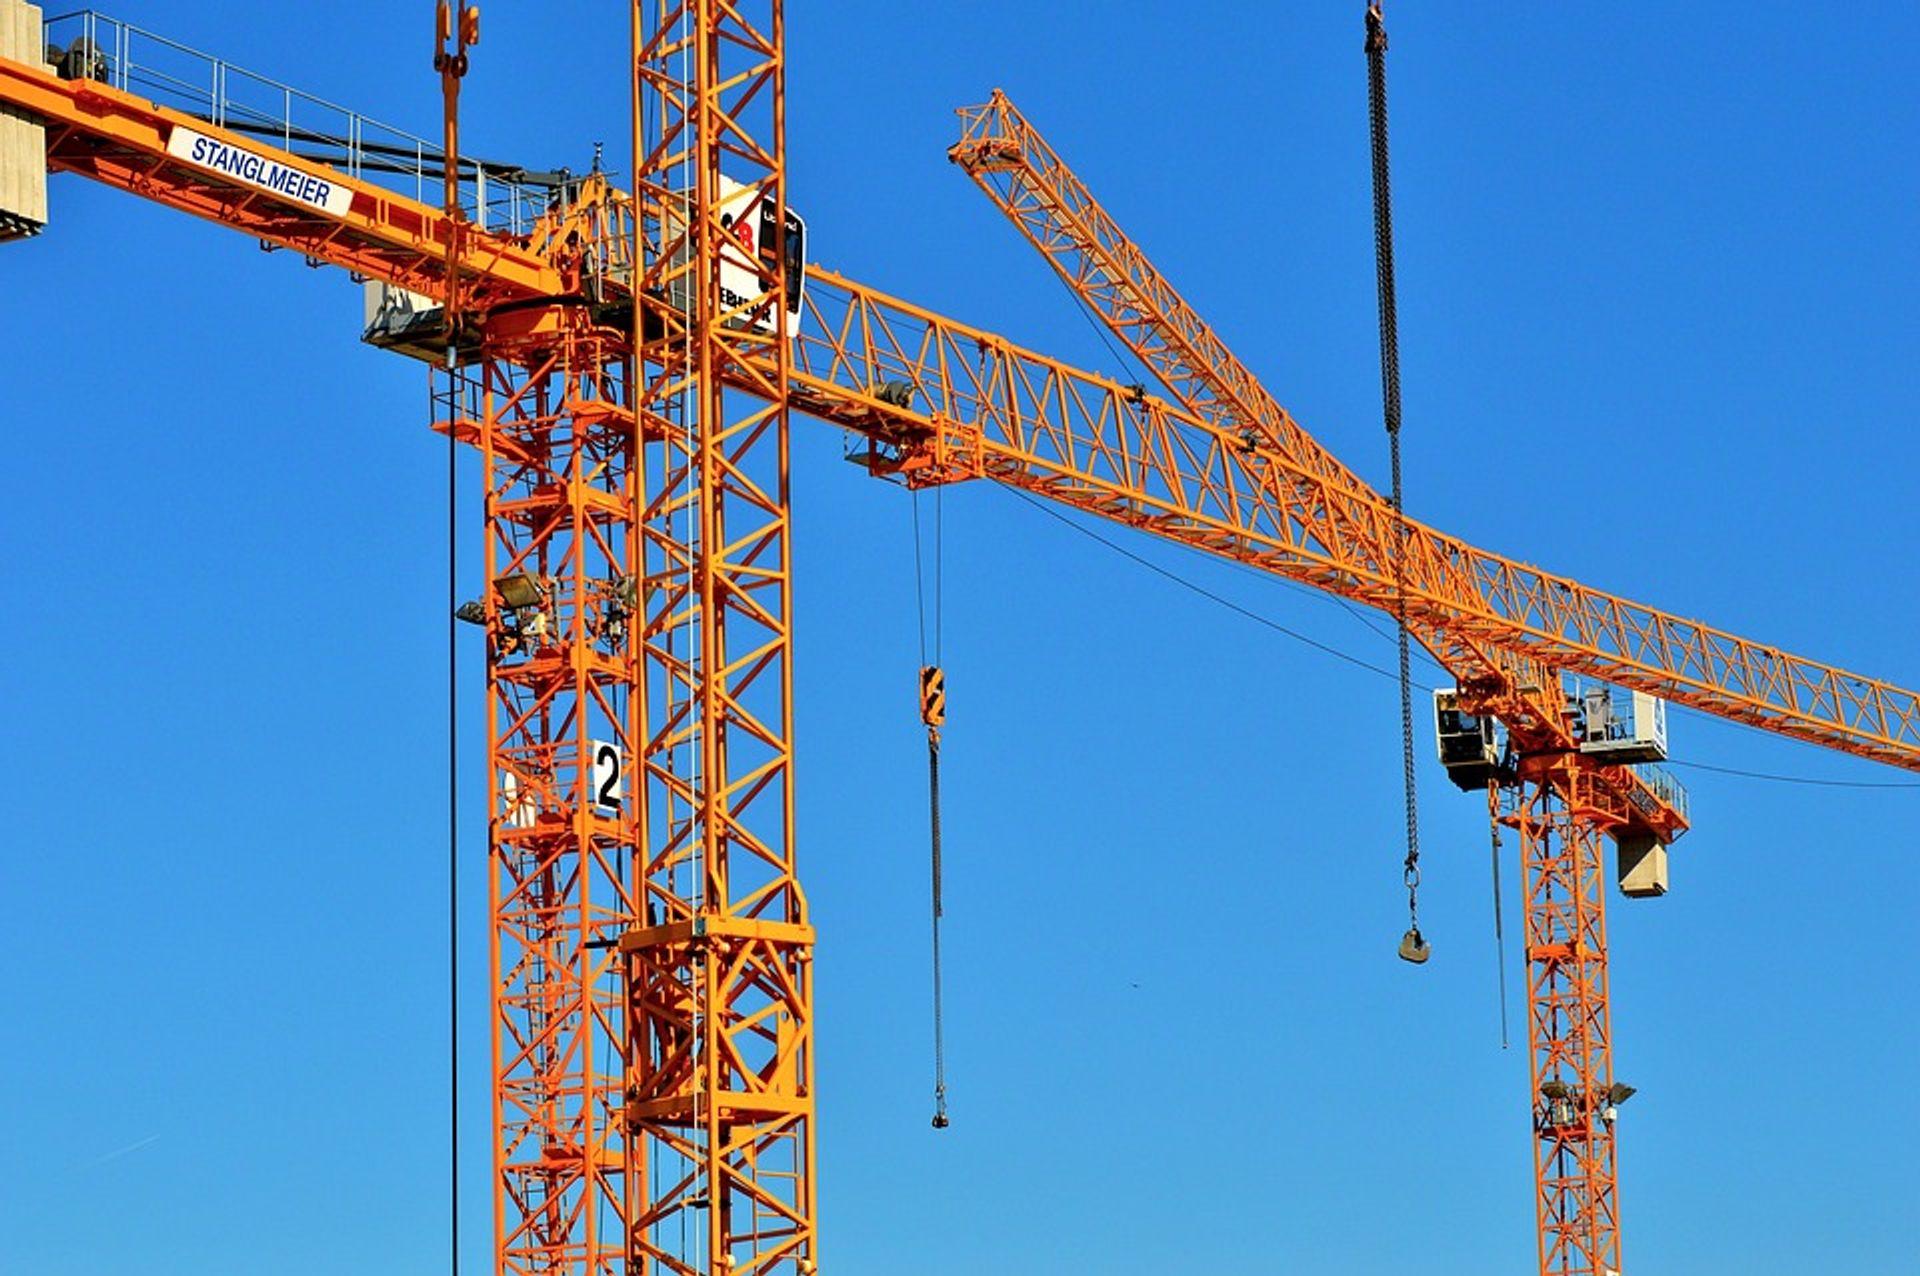 [Wrocław] Wkrótce rusza budowa pierwszych budynków w ramach programu Mieszkanie+